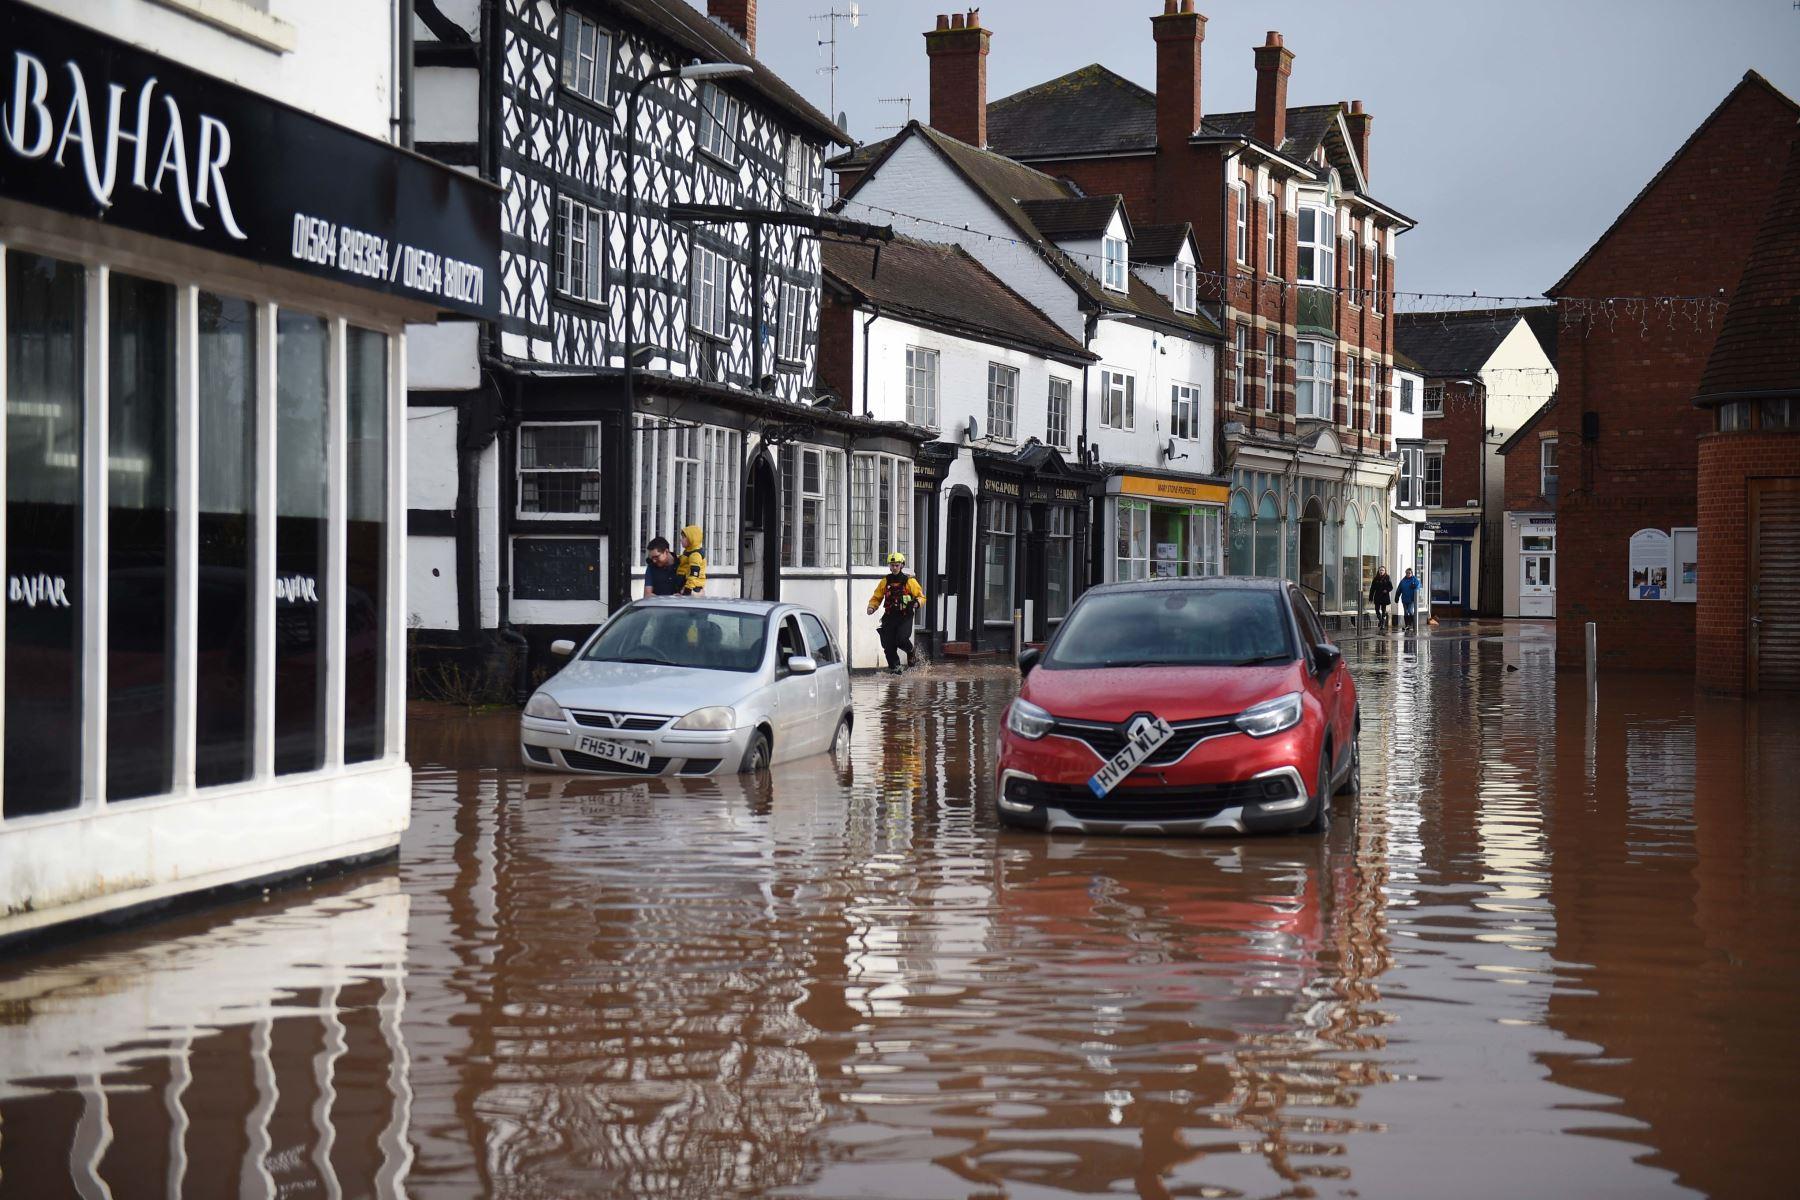 Algunas regiones del Reino Unido seguían inundadas y los transportes terrestres con problemas este lunes, al día siguiente del paso de la tormenta Dennis. Foto: AFP